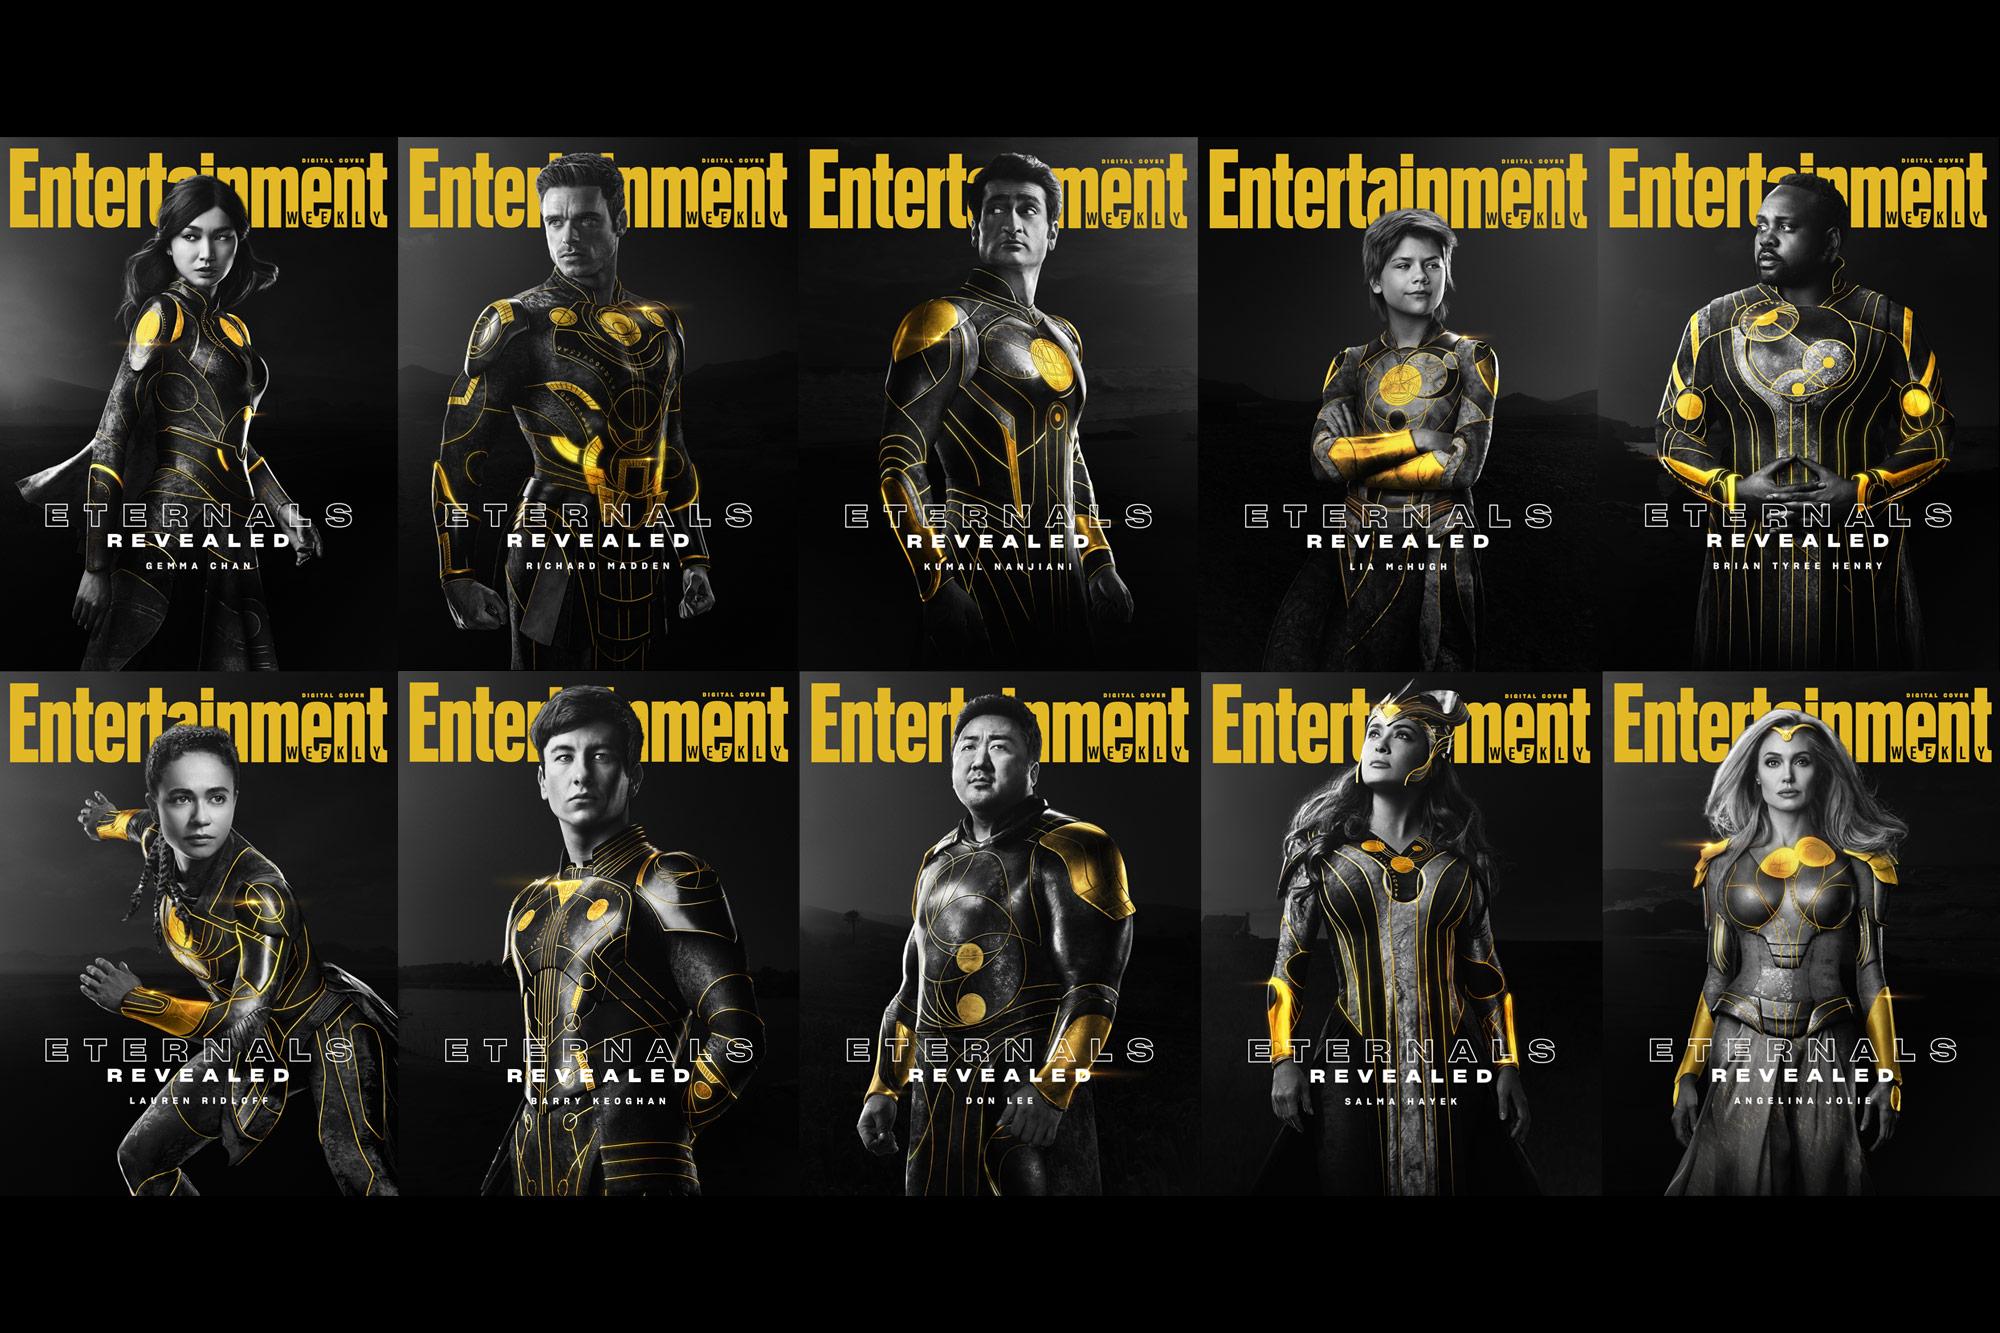 Eternals EW Digital Covers